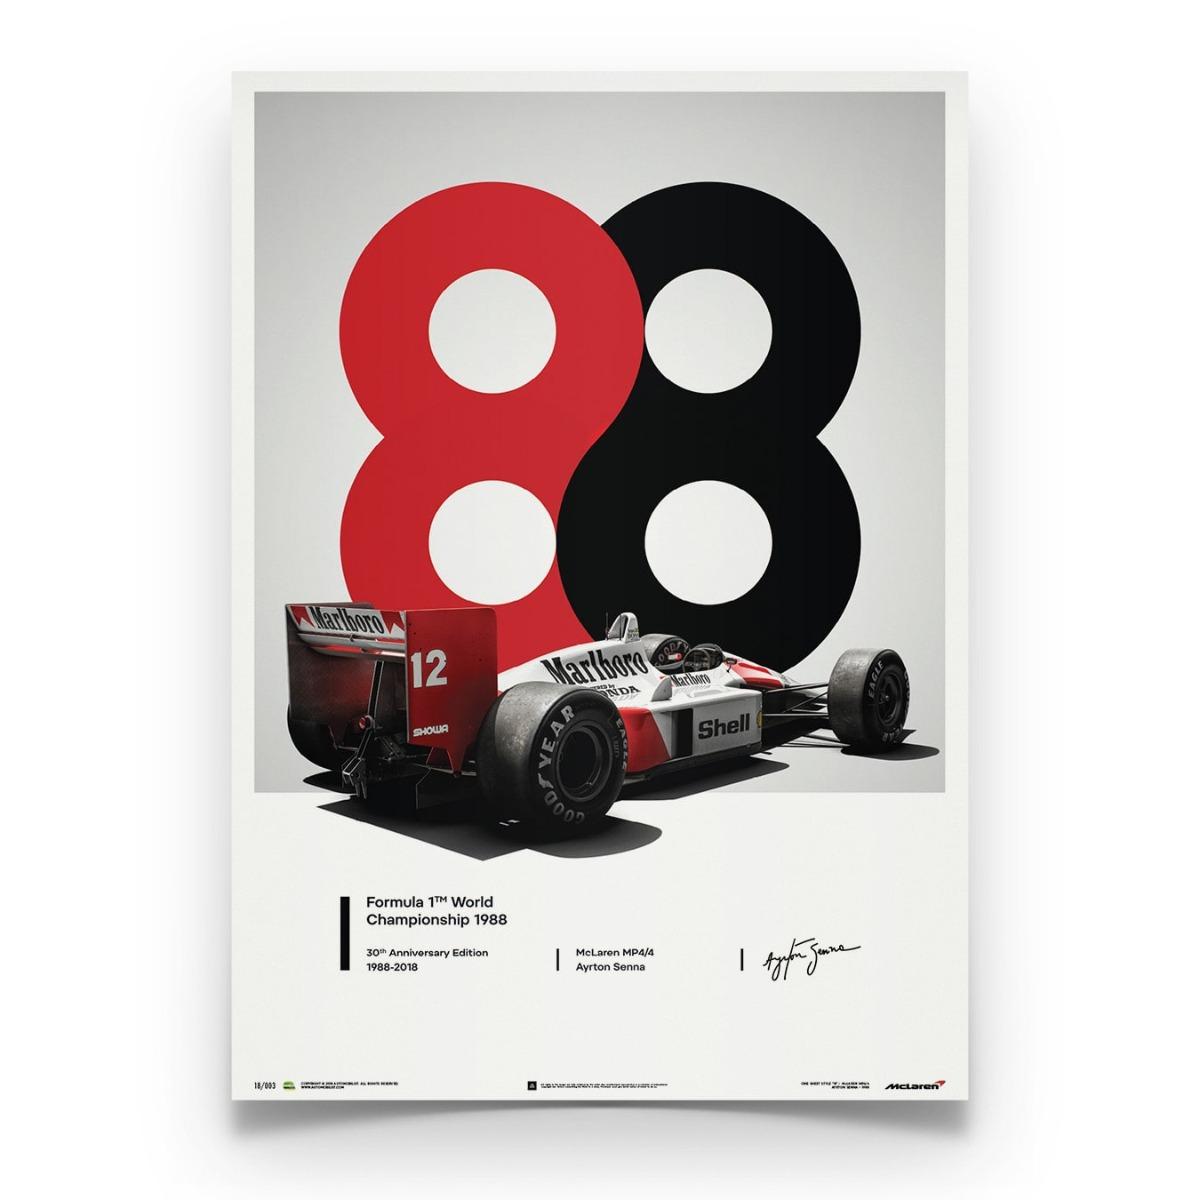 McLaren MP4/4 - Ayrton Senna - 1988 - San Marino GP - 1988